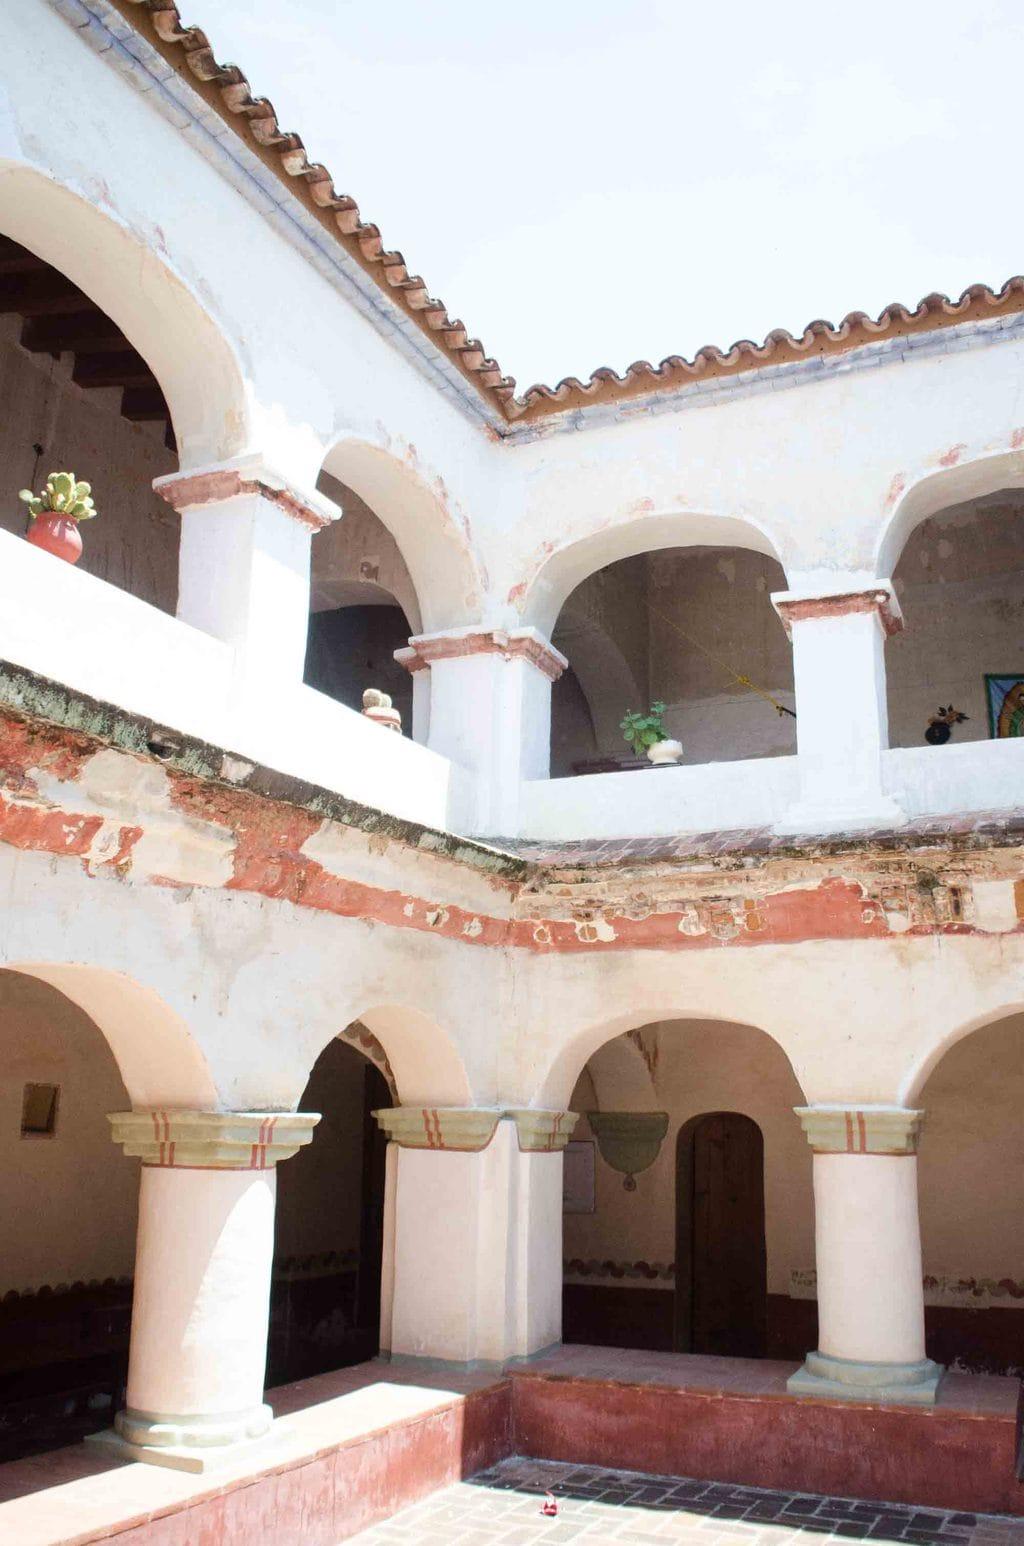 San Jeronimo Ex-Convent in Tlacochahuaya, Oaxaca